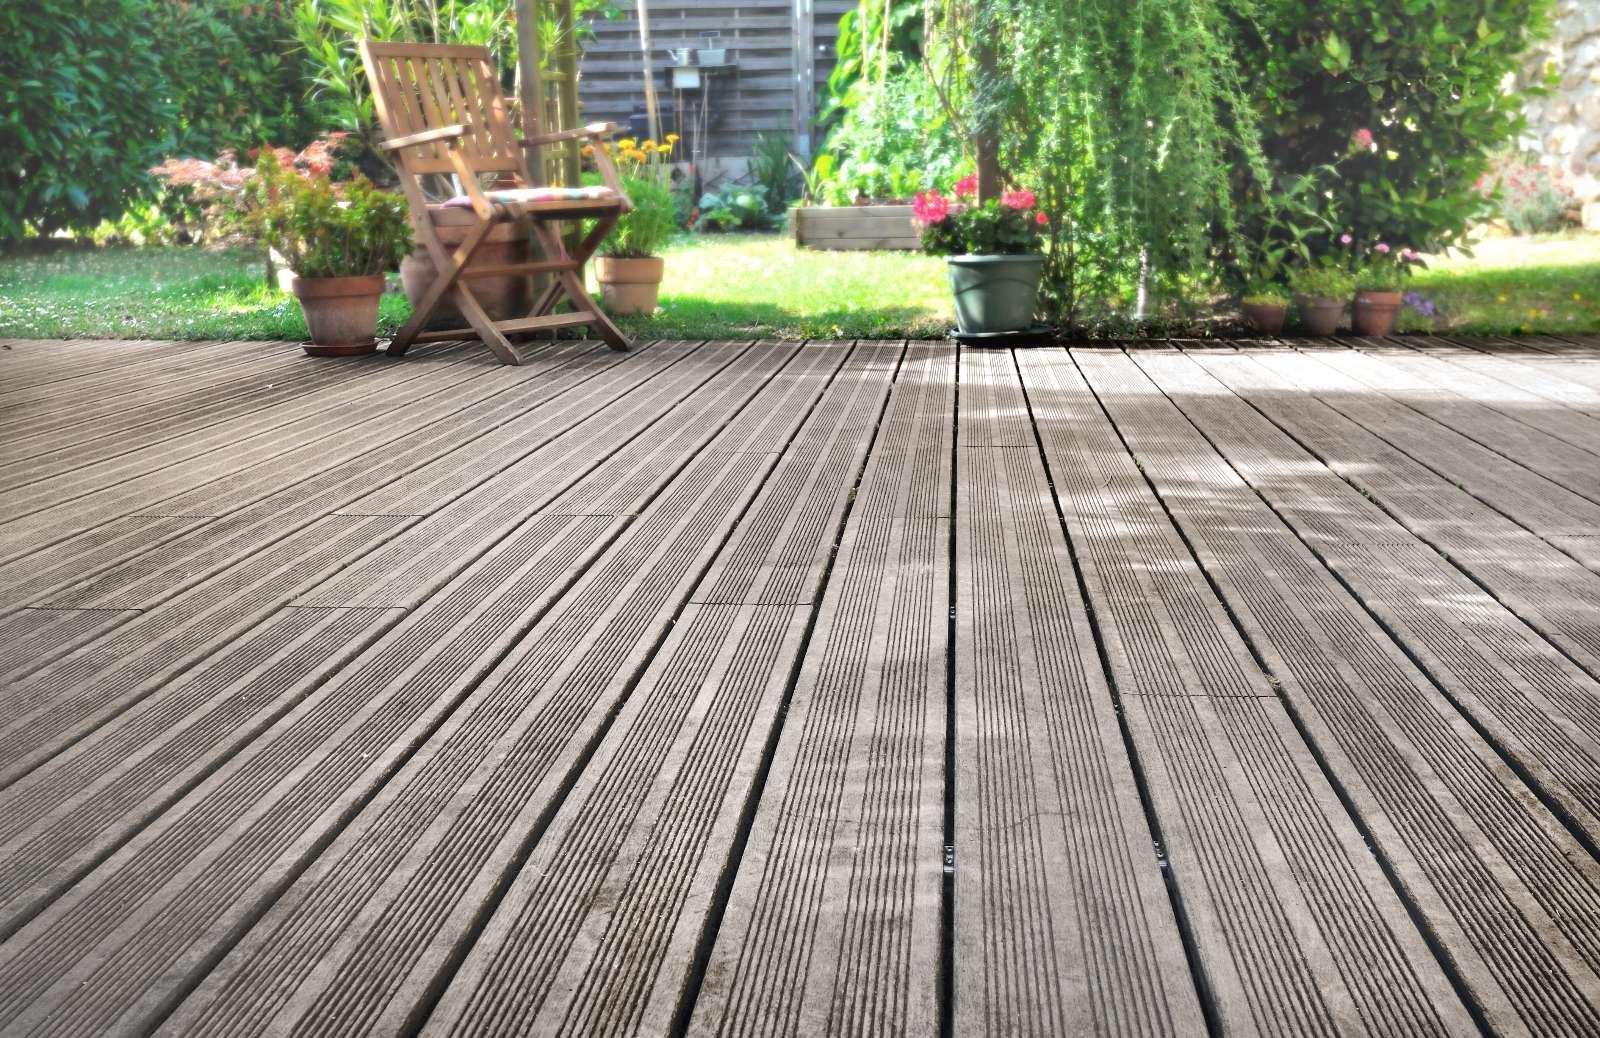 Terrassenbau: Planung und Gestaltung einer Holzterrasse